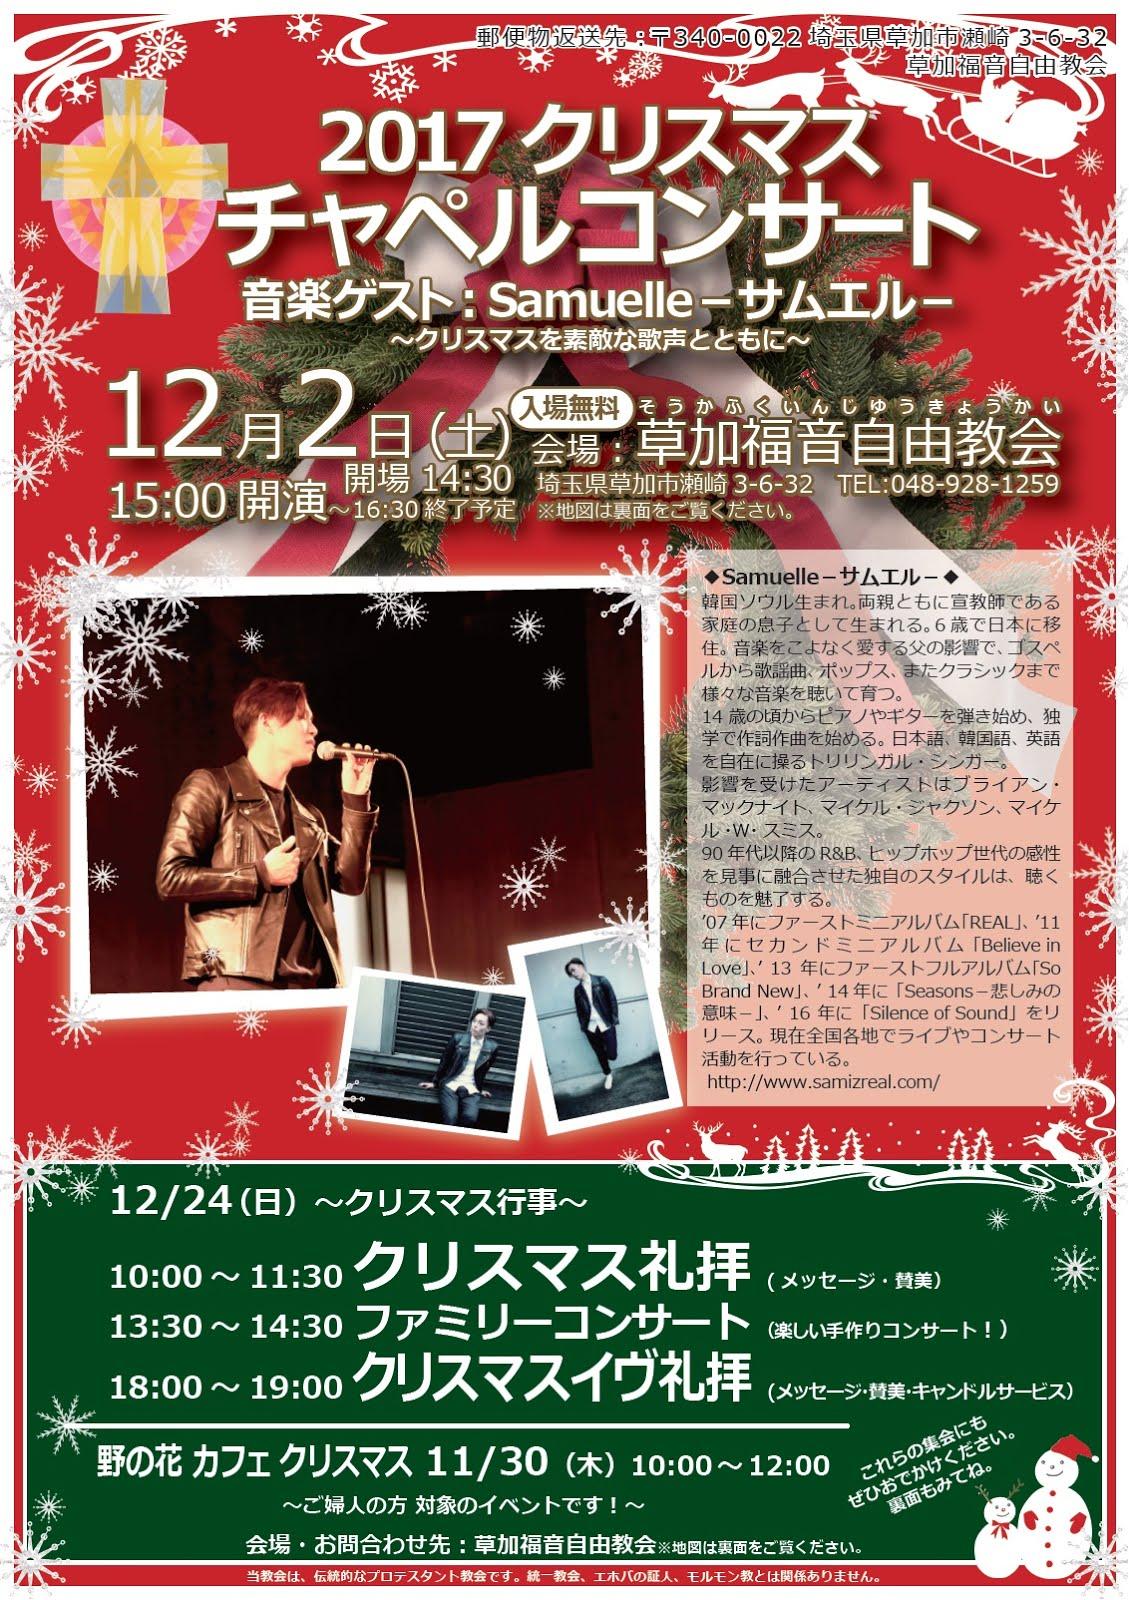 ♪ 2017クリスマス♪